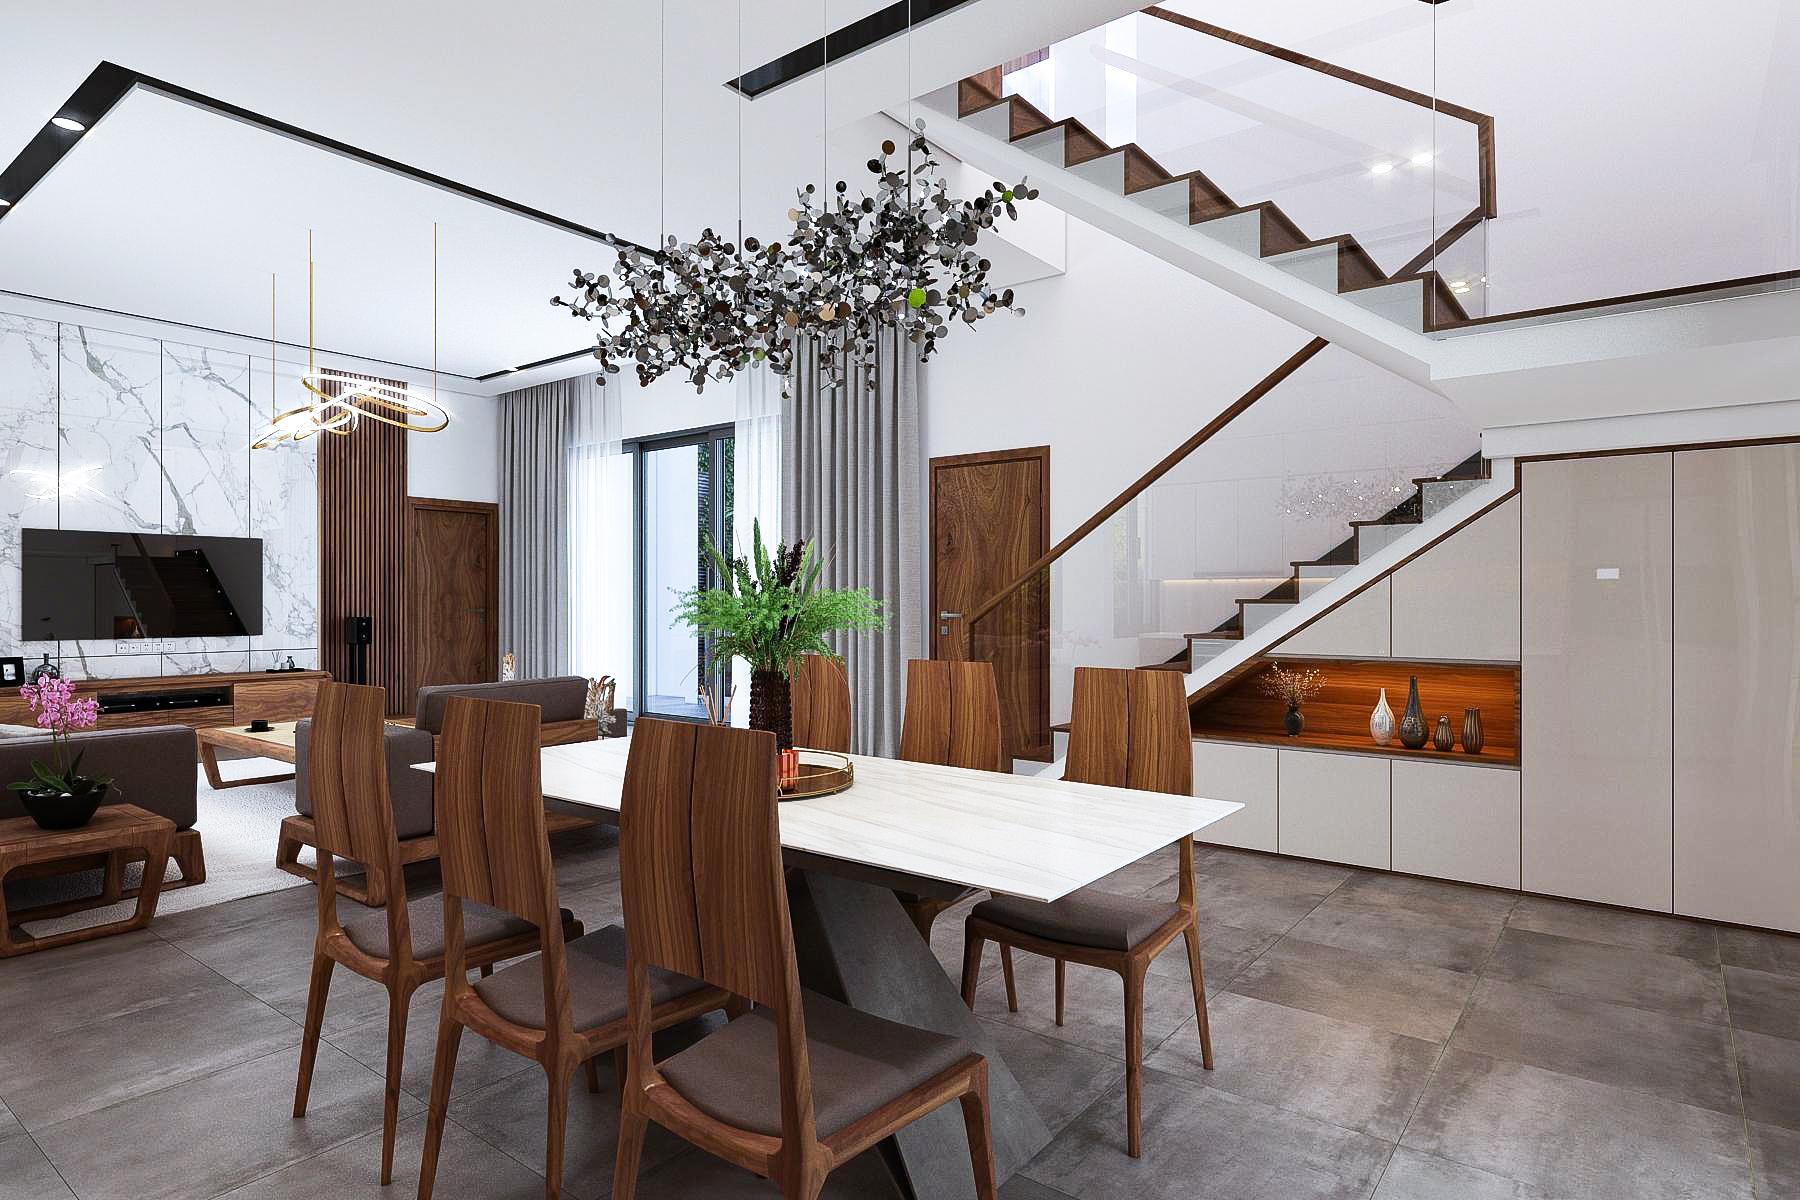 Thiết kế nội thất Biệt Thự tại Ninh Bình Biệt thự Ninh Bình 1600149400 0